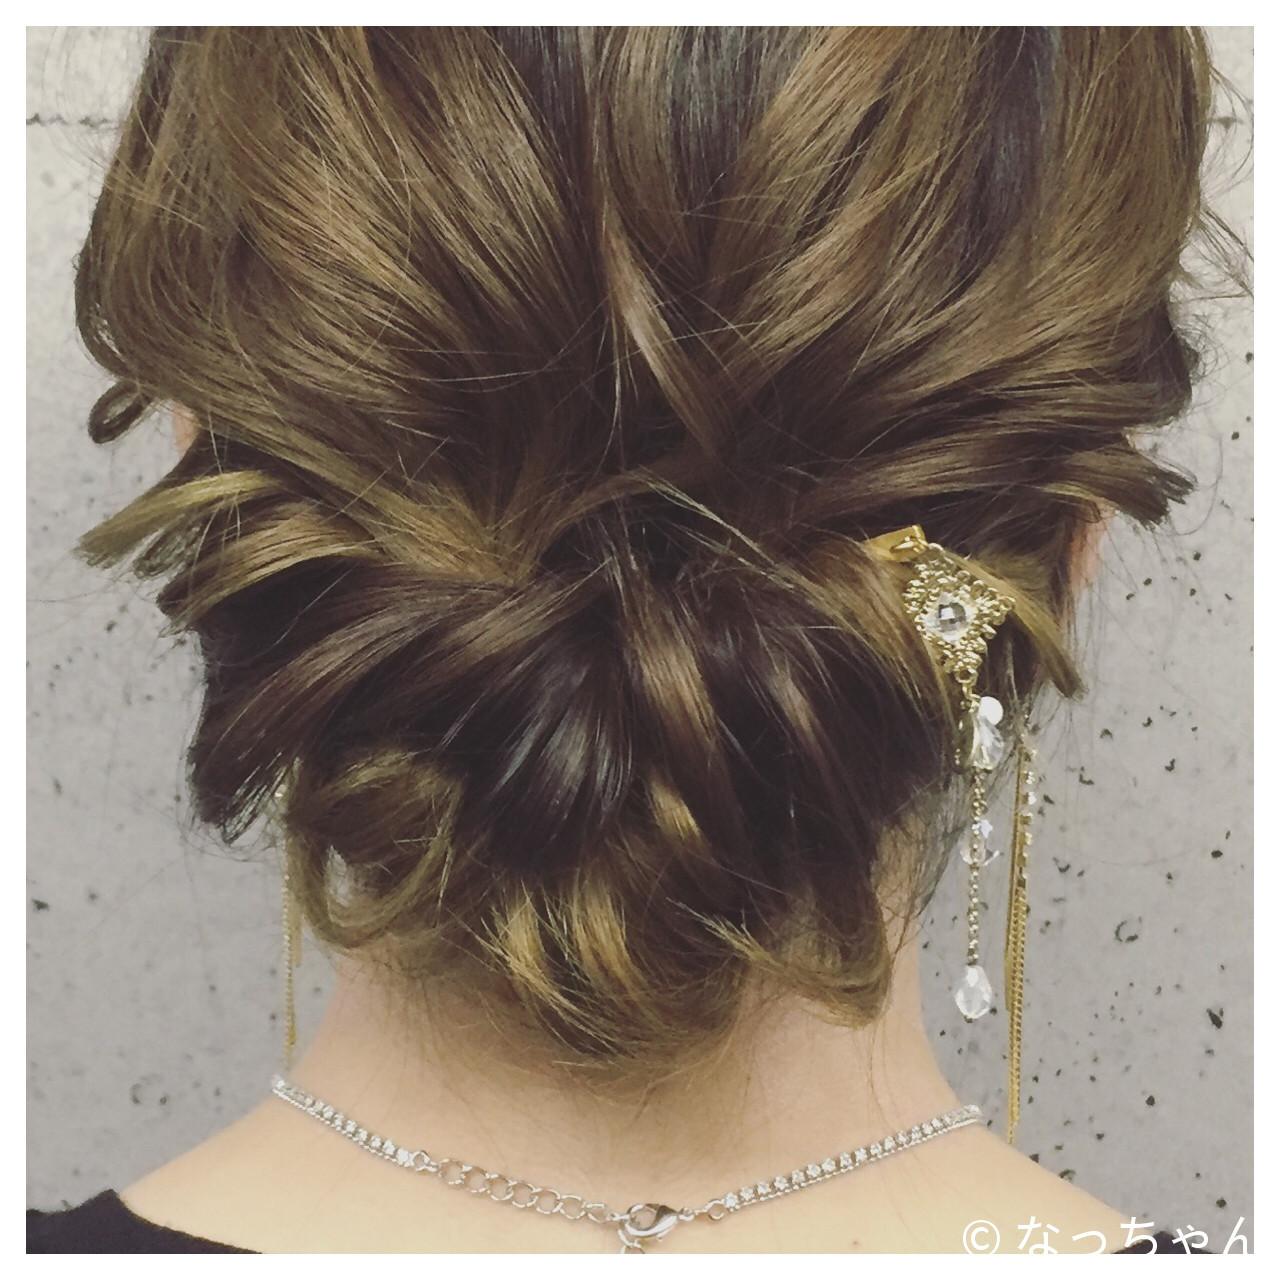 ヘアアレンジ アップスタイル ゆるふわ エレガント ヘアスタイルや髪型の写真・画像